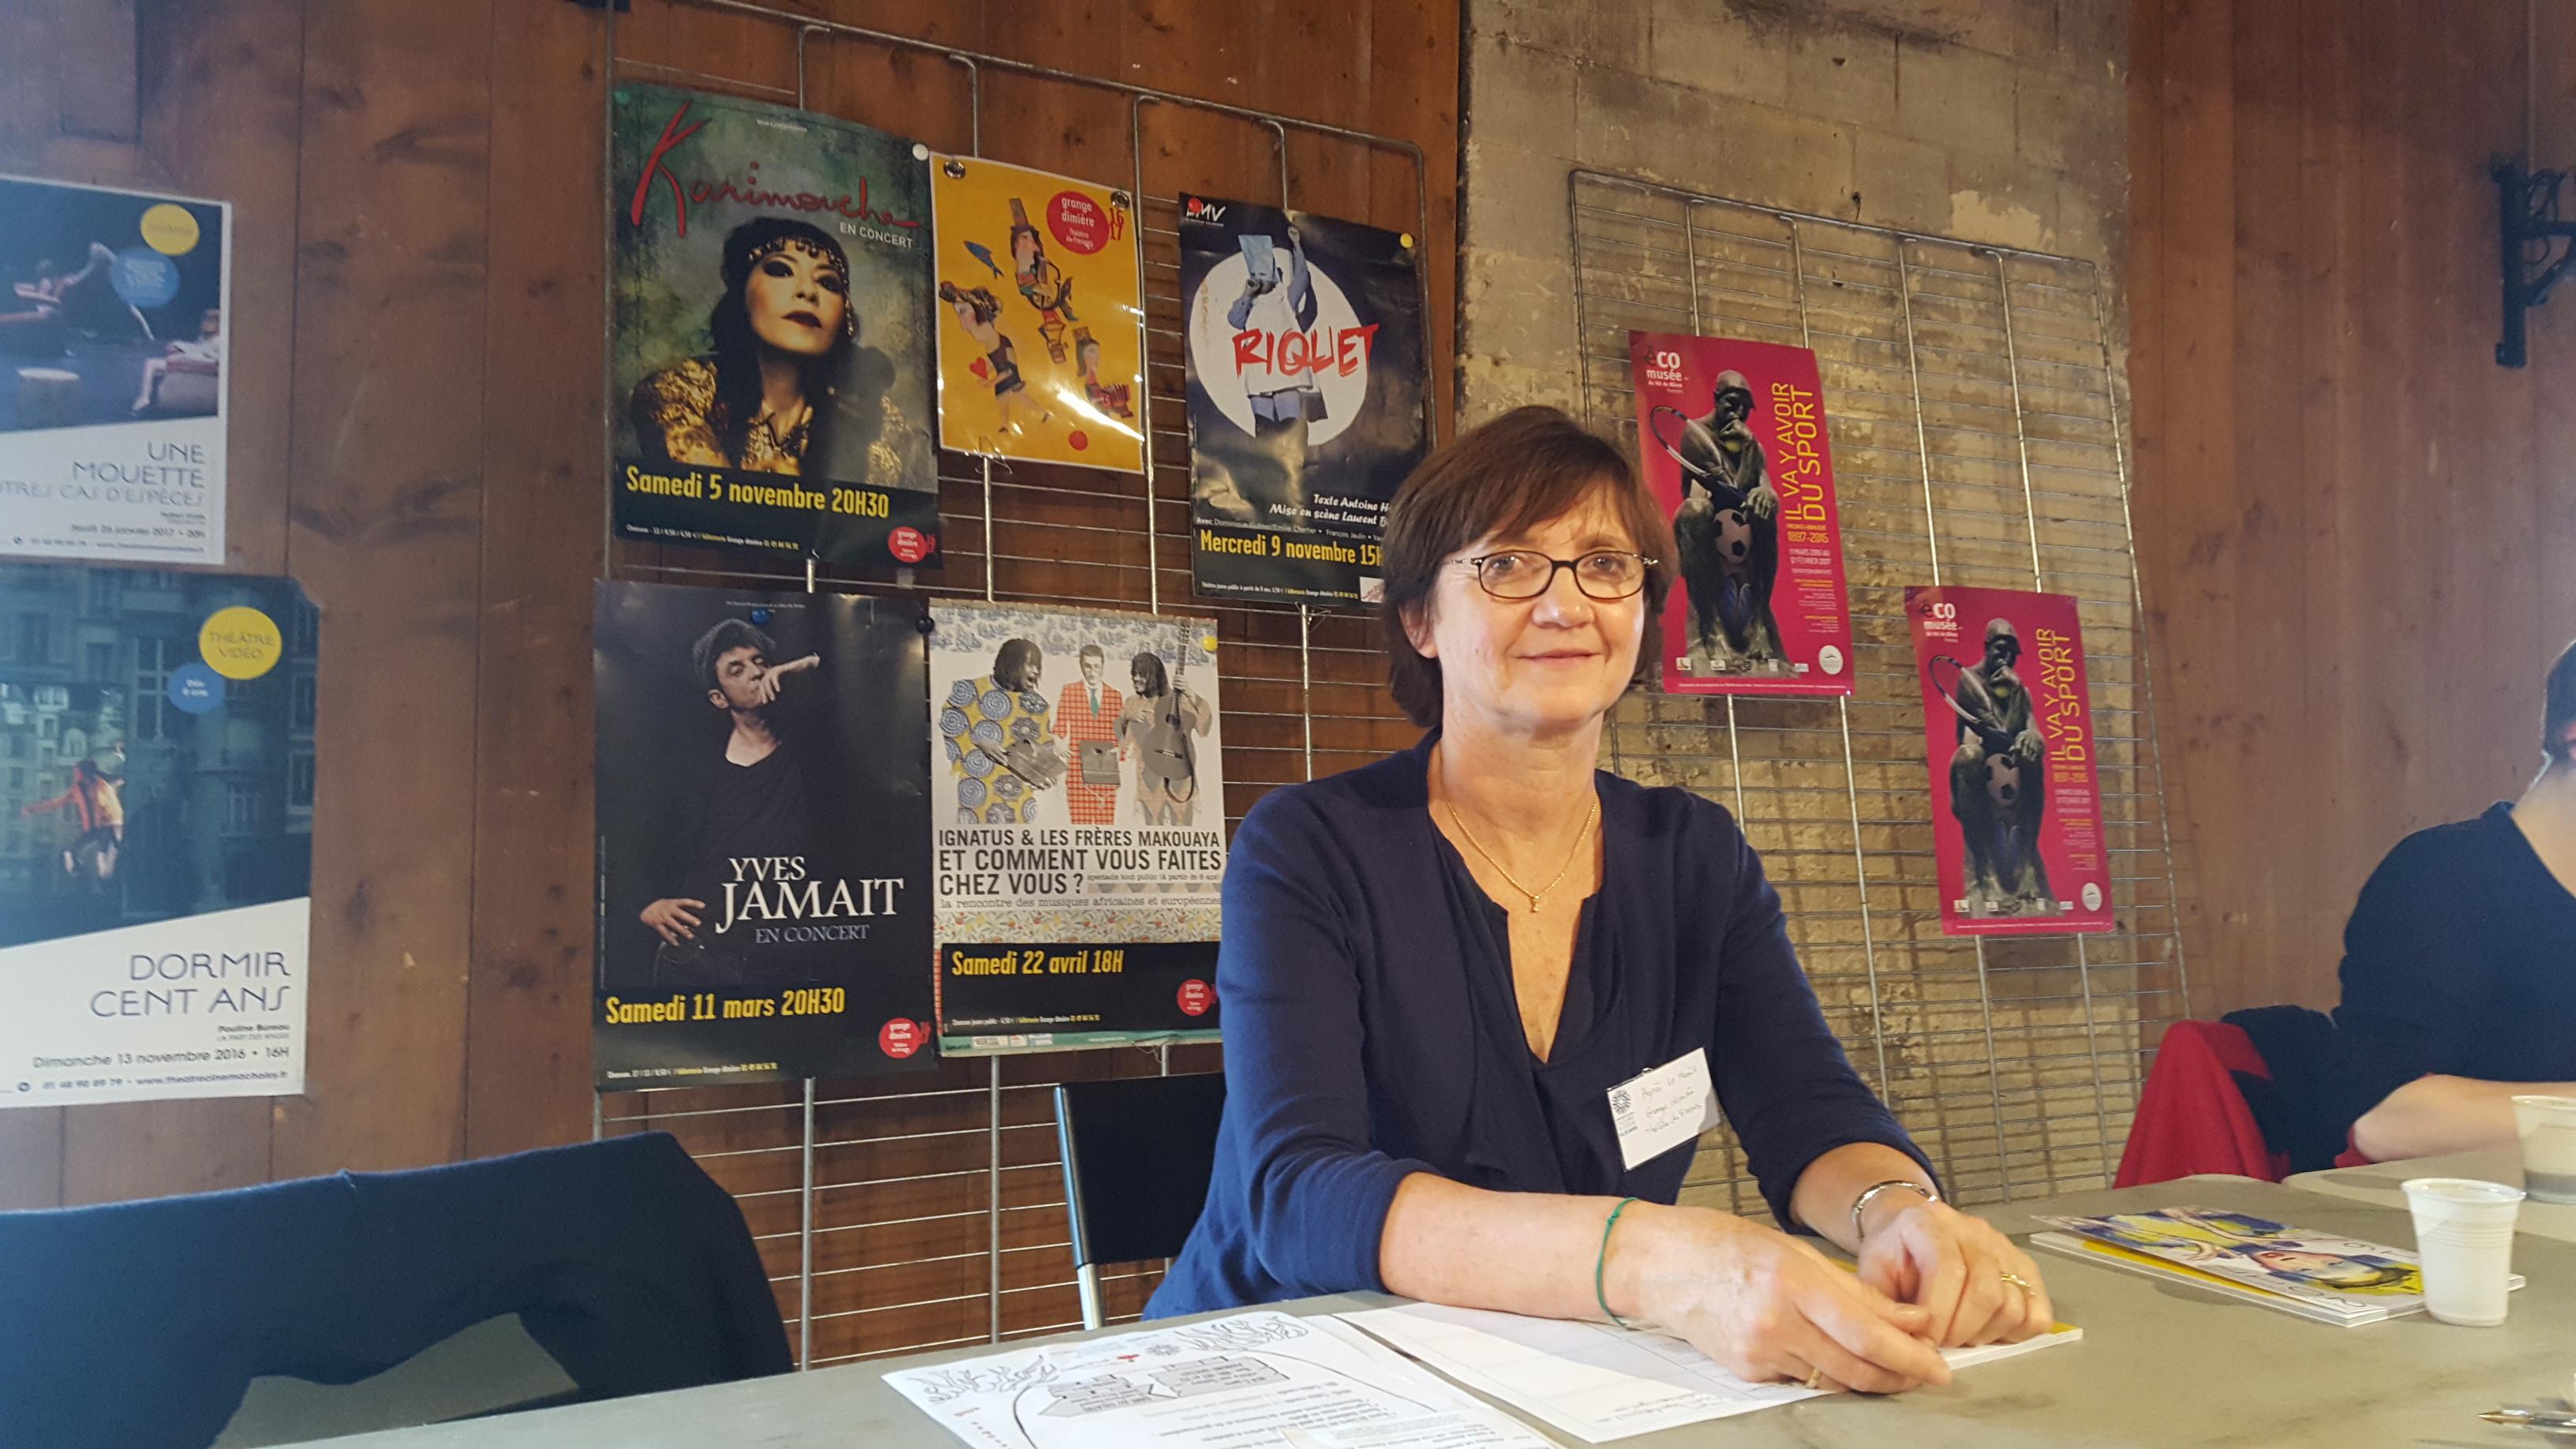 forum-culture-vitry-gare-au-théâtre-culture-du-coeur (2)